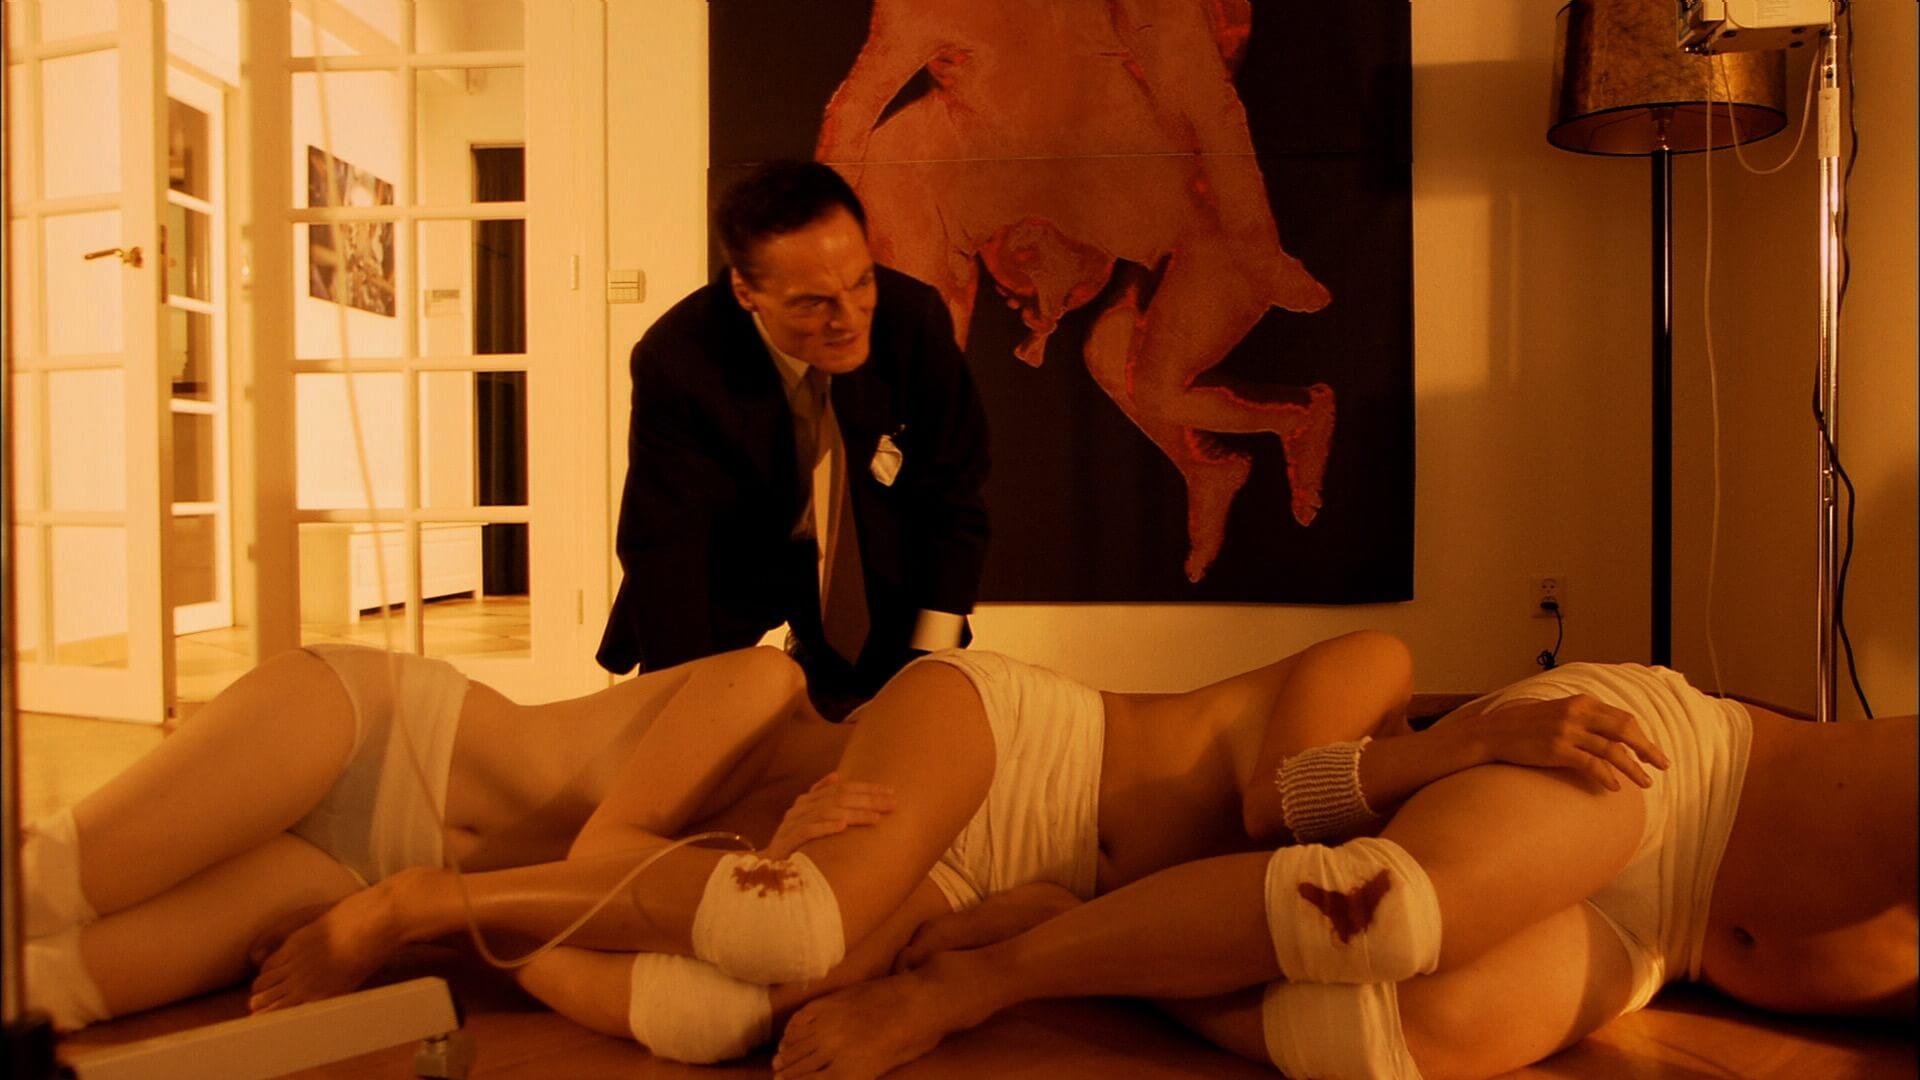 """『ムカデ人間』をみんなで同時再生!?Twitterにて同時再生祭り開催決定&ブルーレイセットが""""つながりやすい新価格""""に film200416_mukadeningen_01"""